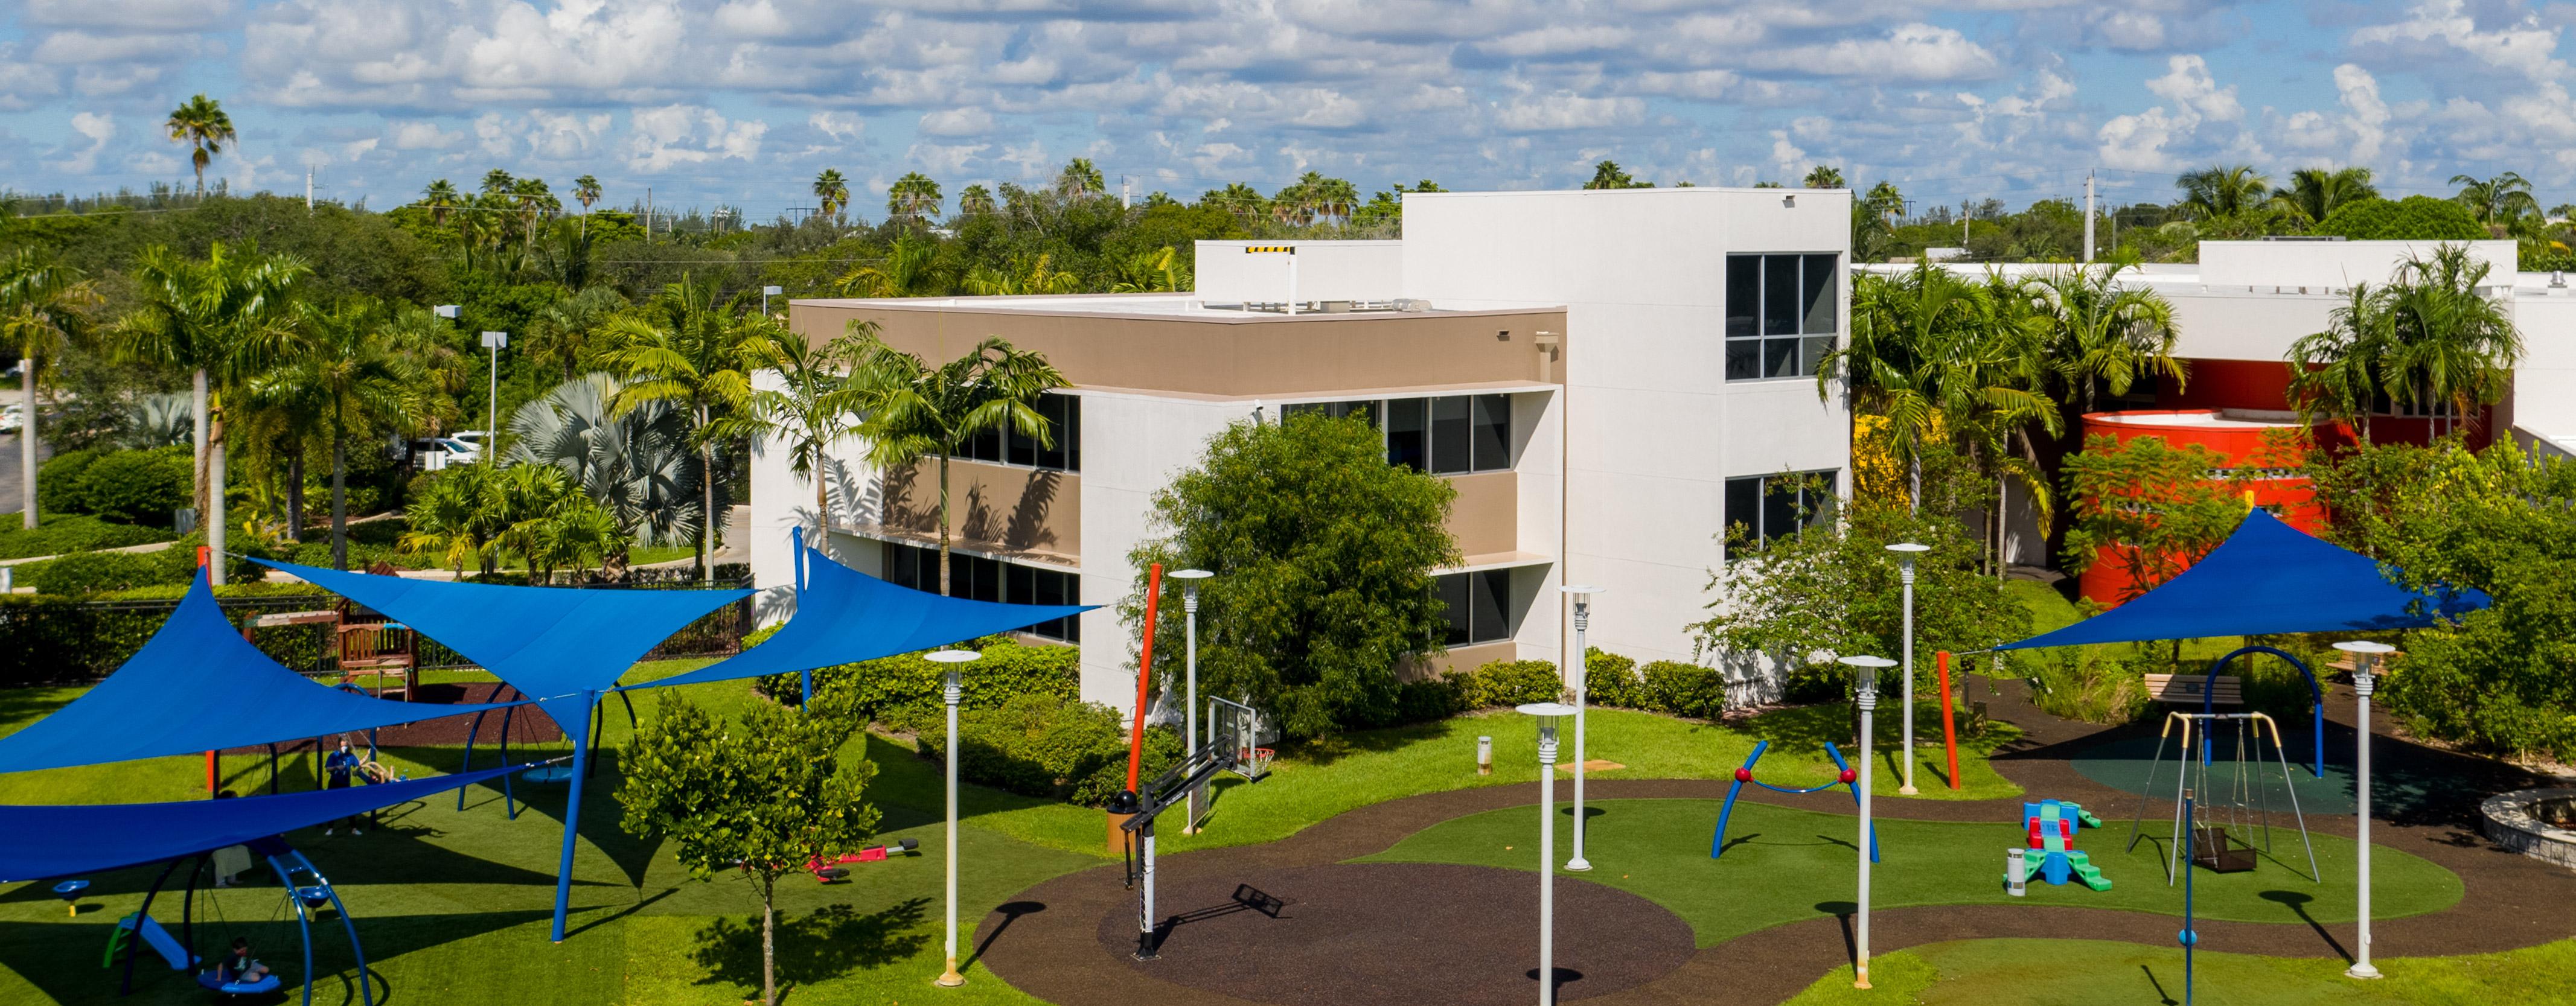 Jafco Building